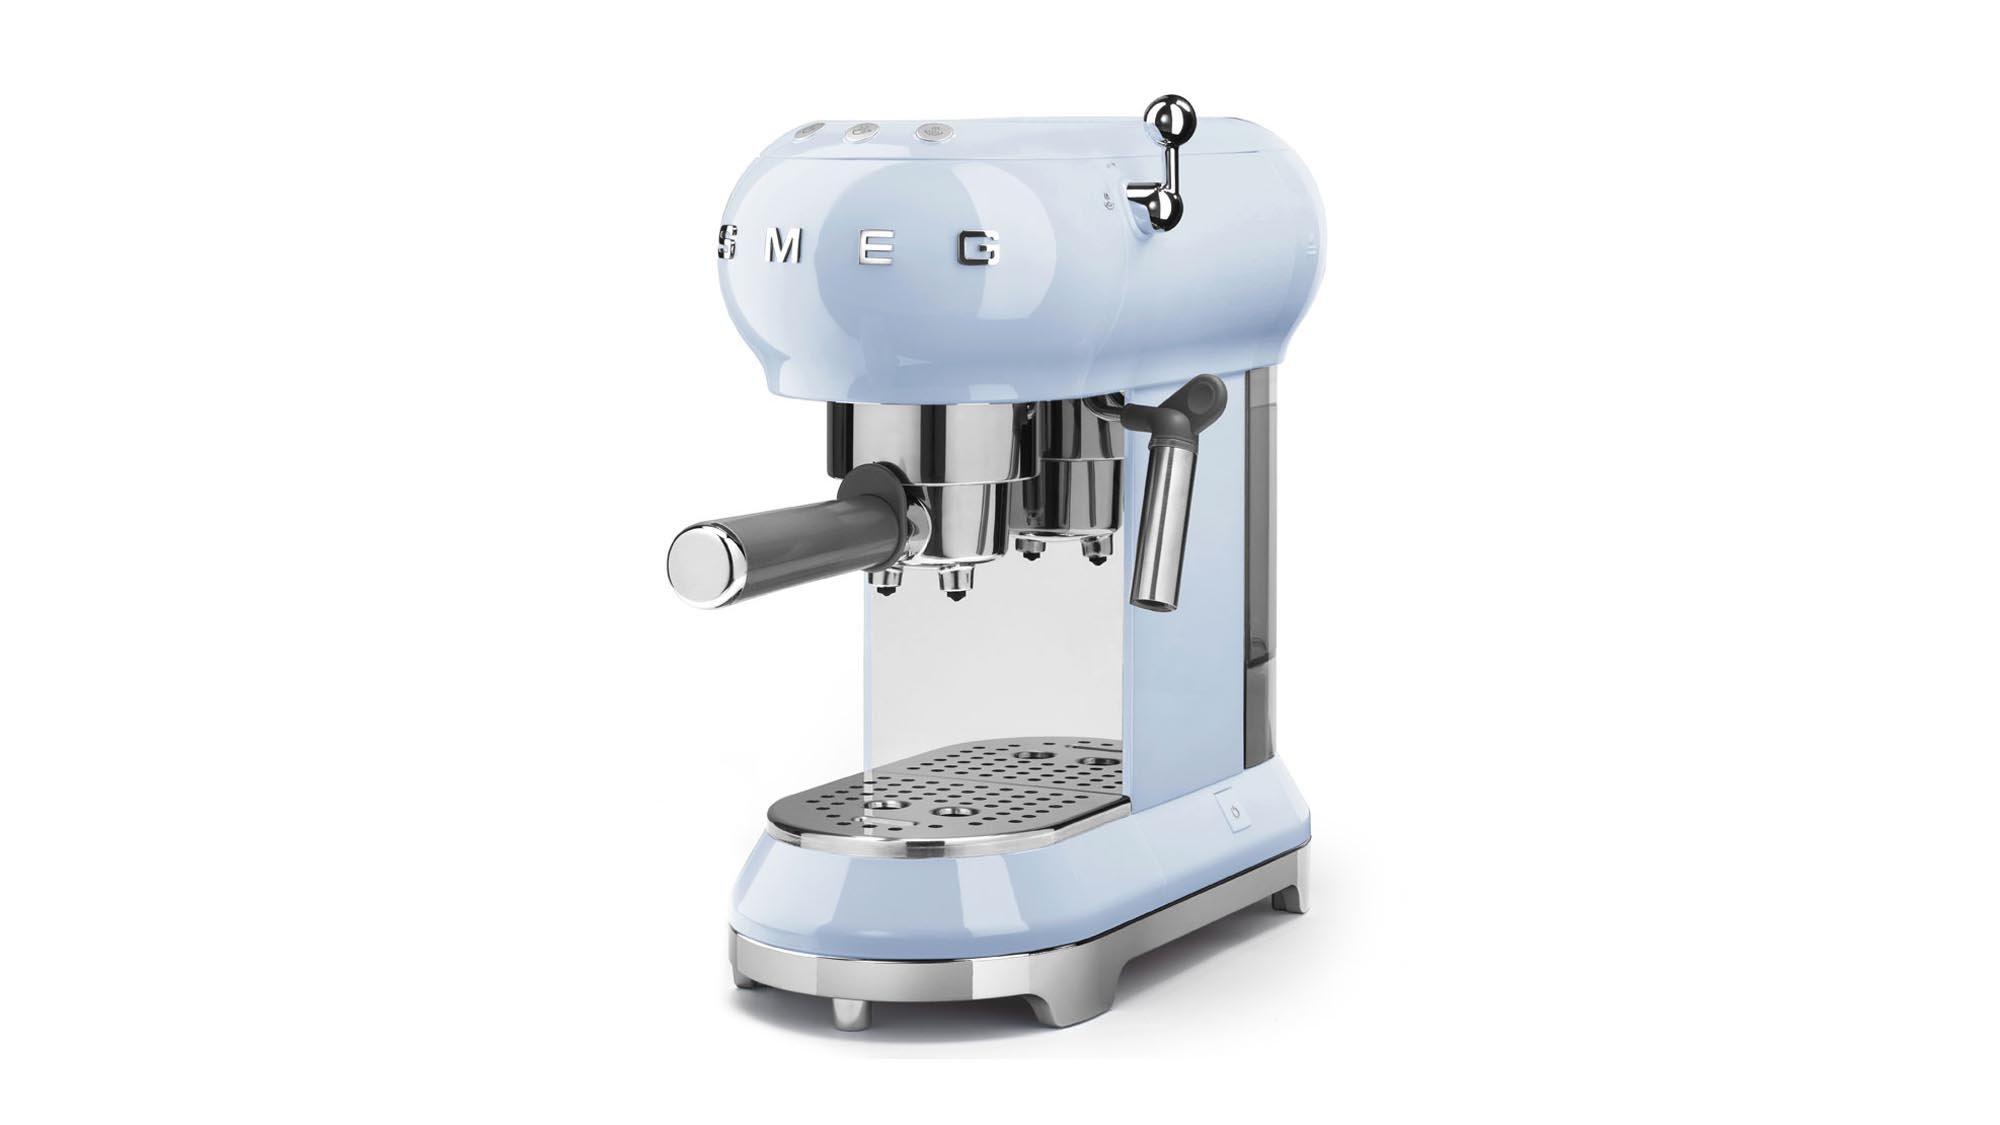 Coffee Espresso Makers Review ~ Smeg ecf espresso coffee machine review a basic